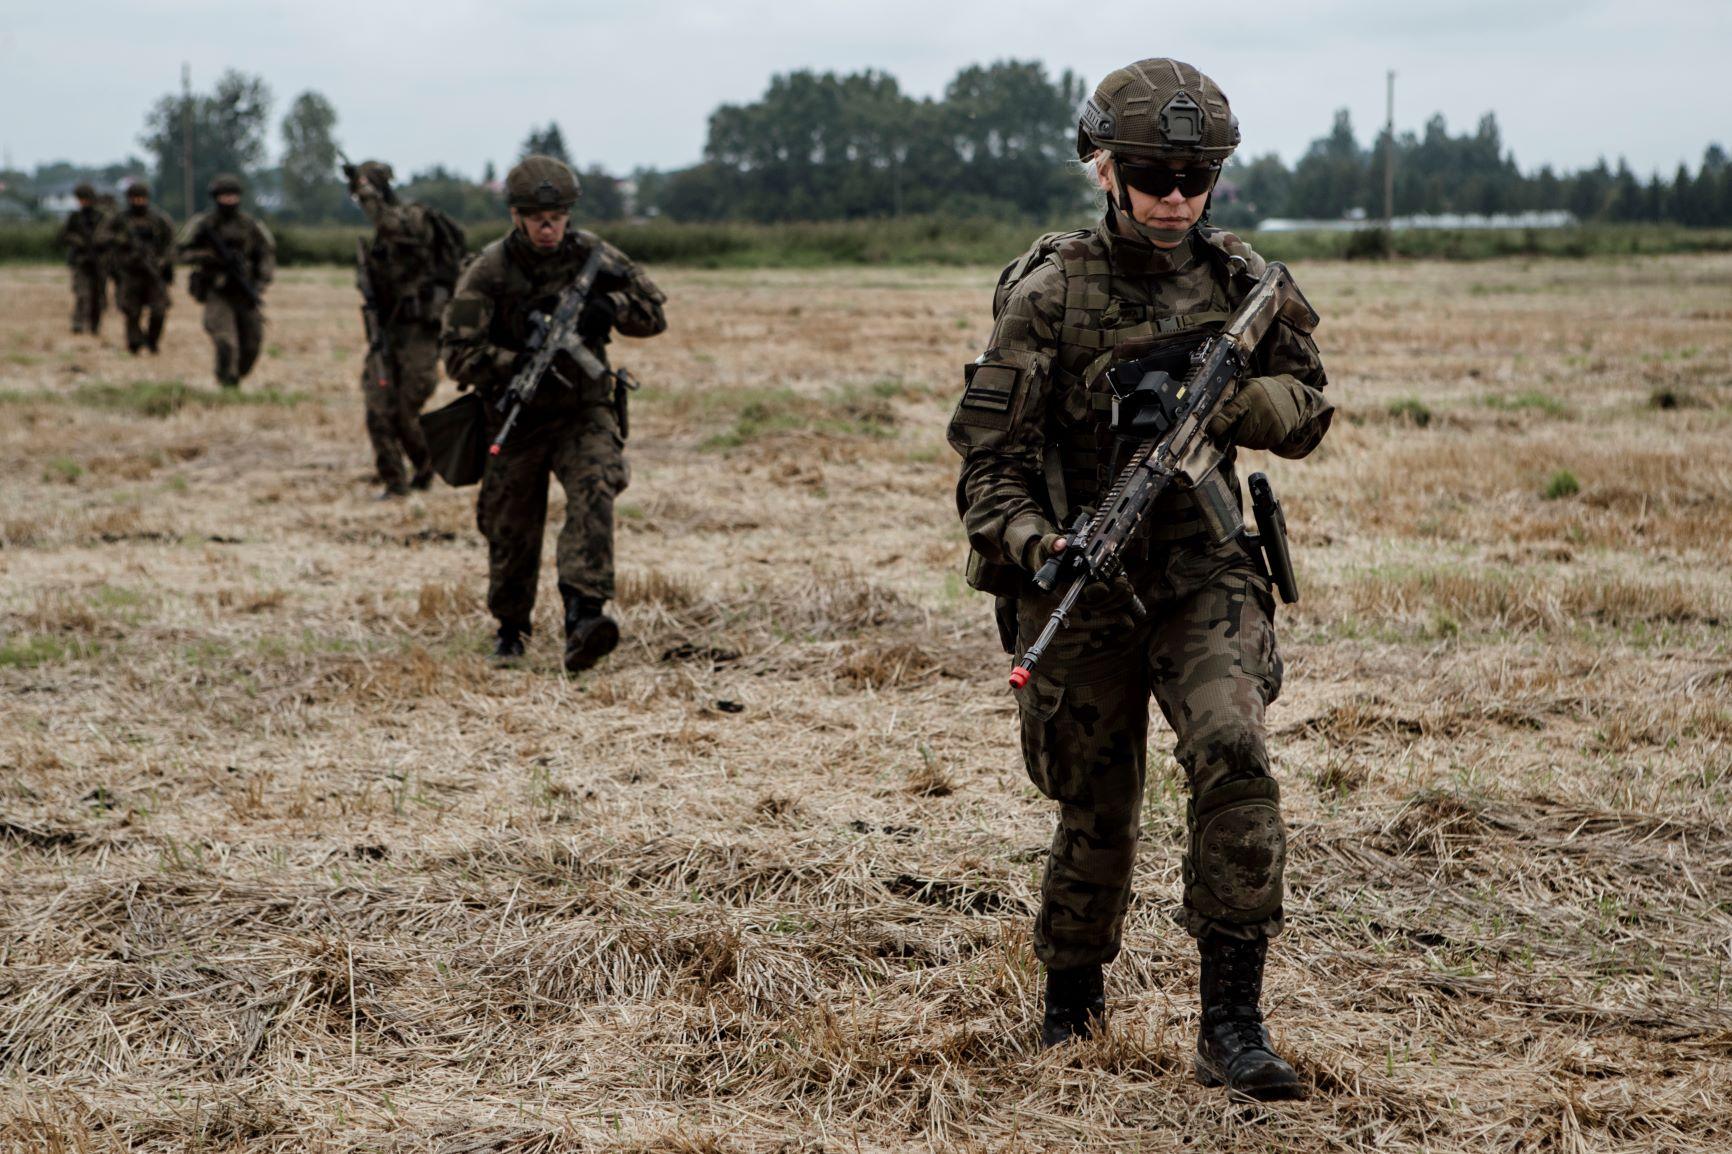 Województwo lubelskie: W Wojskach Obrony Terytorialnej służy już 30 tys. żołnierzy  - Zdjęcie główne